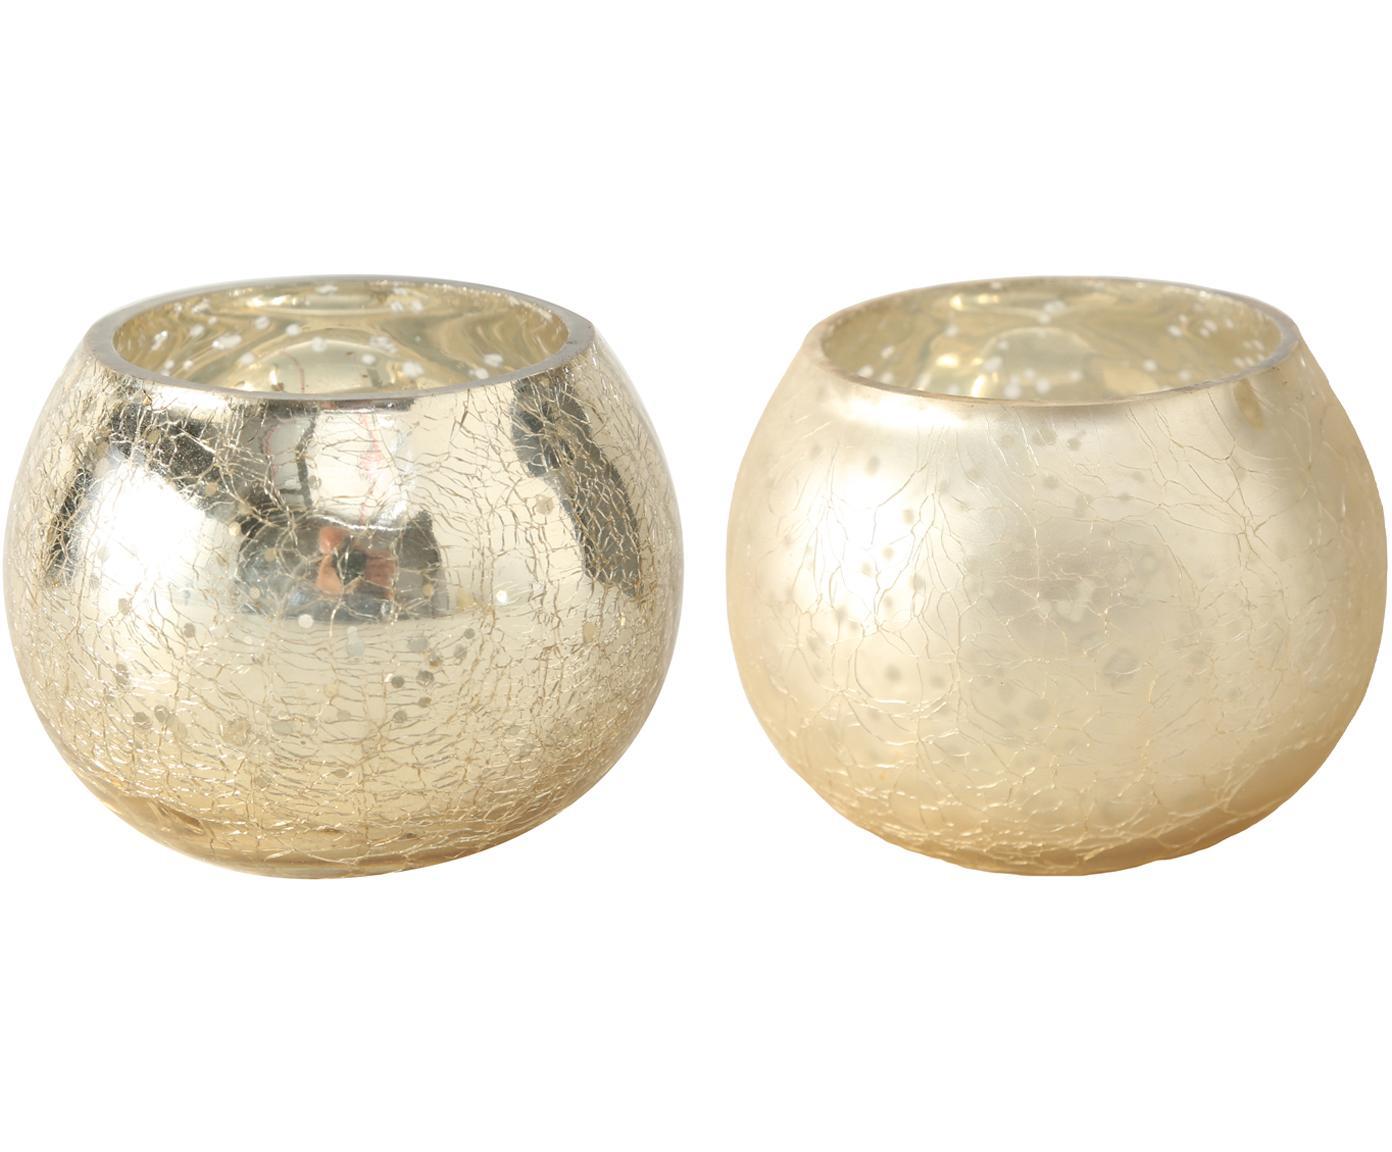 Windlichter-Set Grusha, 2-tlg., Glas, lackiert, Champagnerfarben, matt und glänzend, Ø 7 x H 6 cm